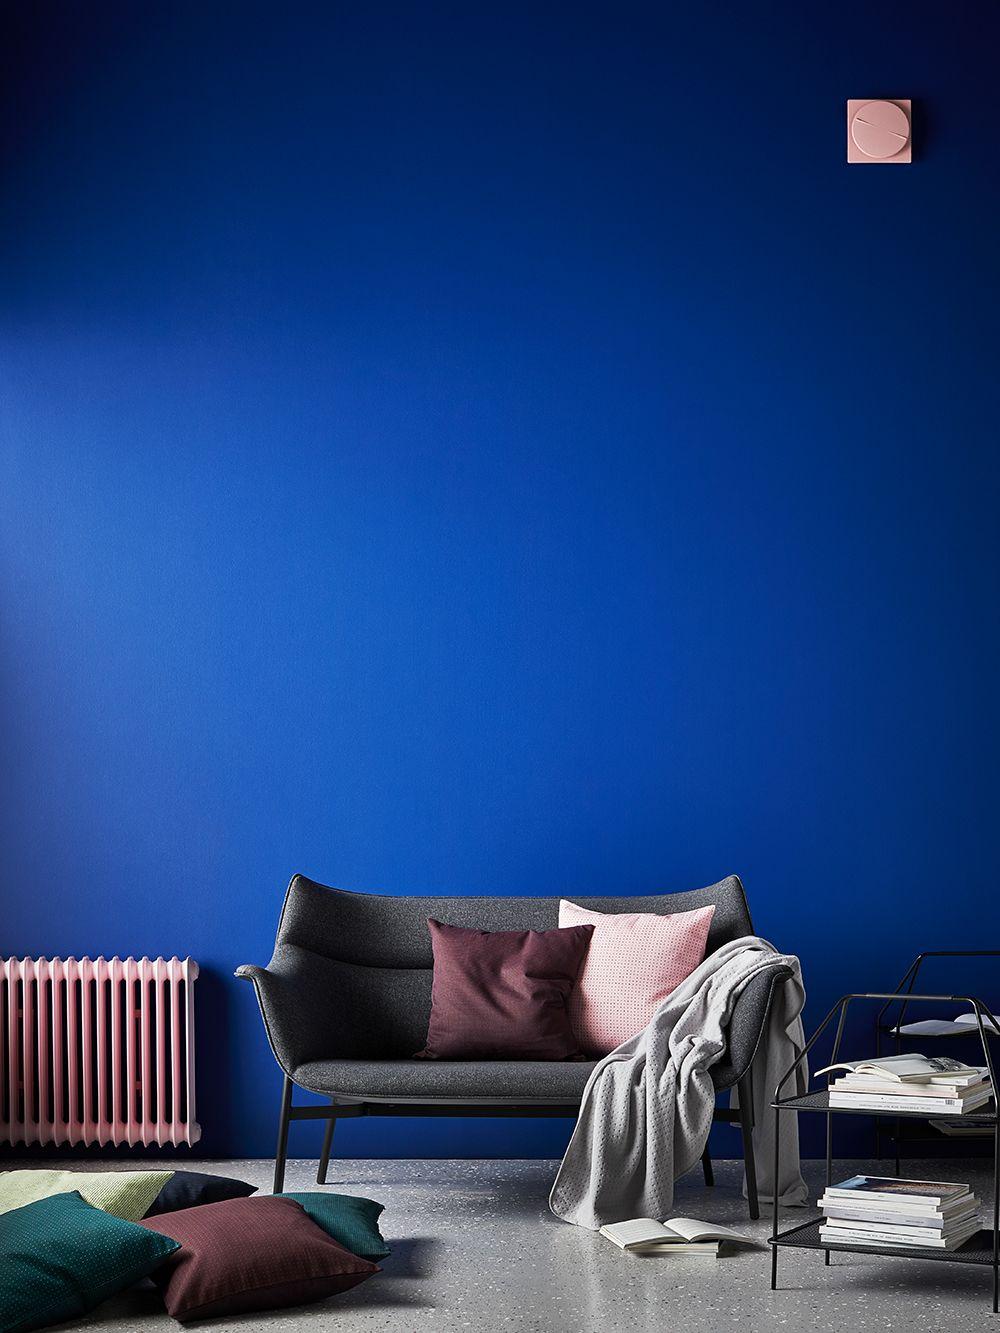 Wohnzimmer mit Königsblauer Wand. Das modern eingerichtete Zimmer ...